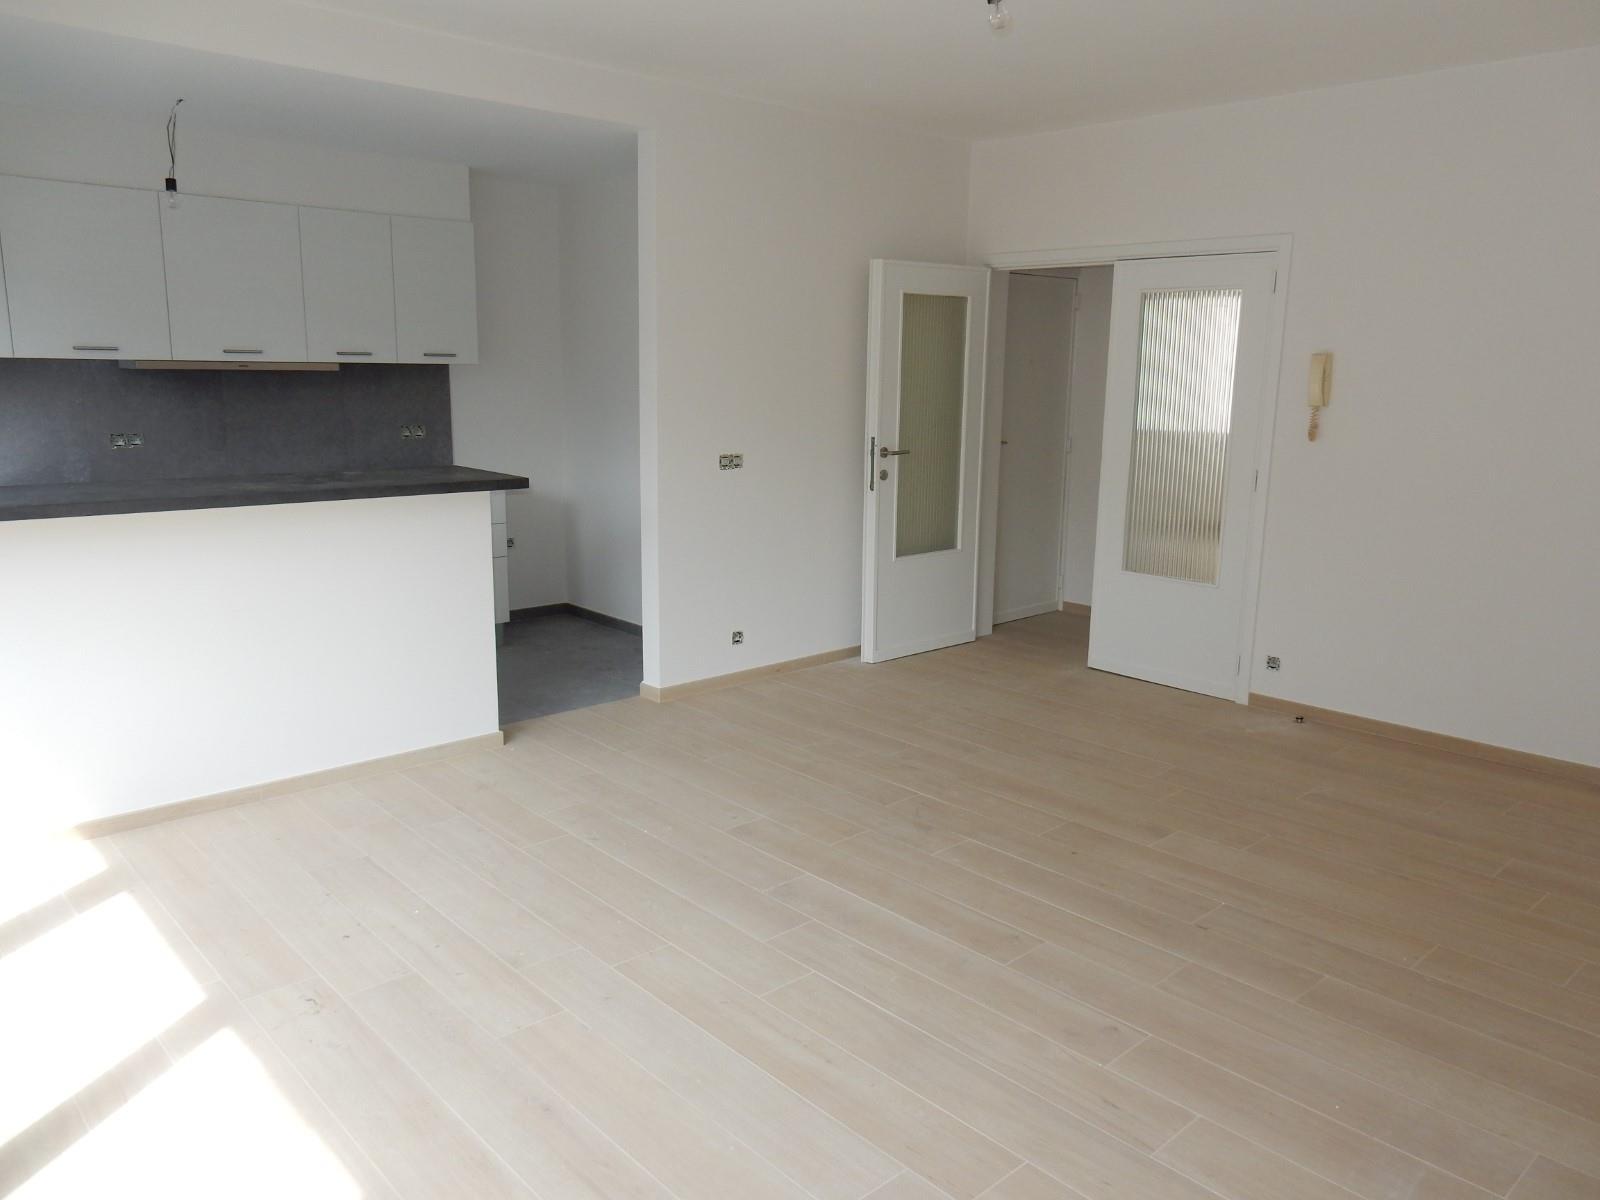 Appartement - Schaerbeek - #4137628-3